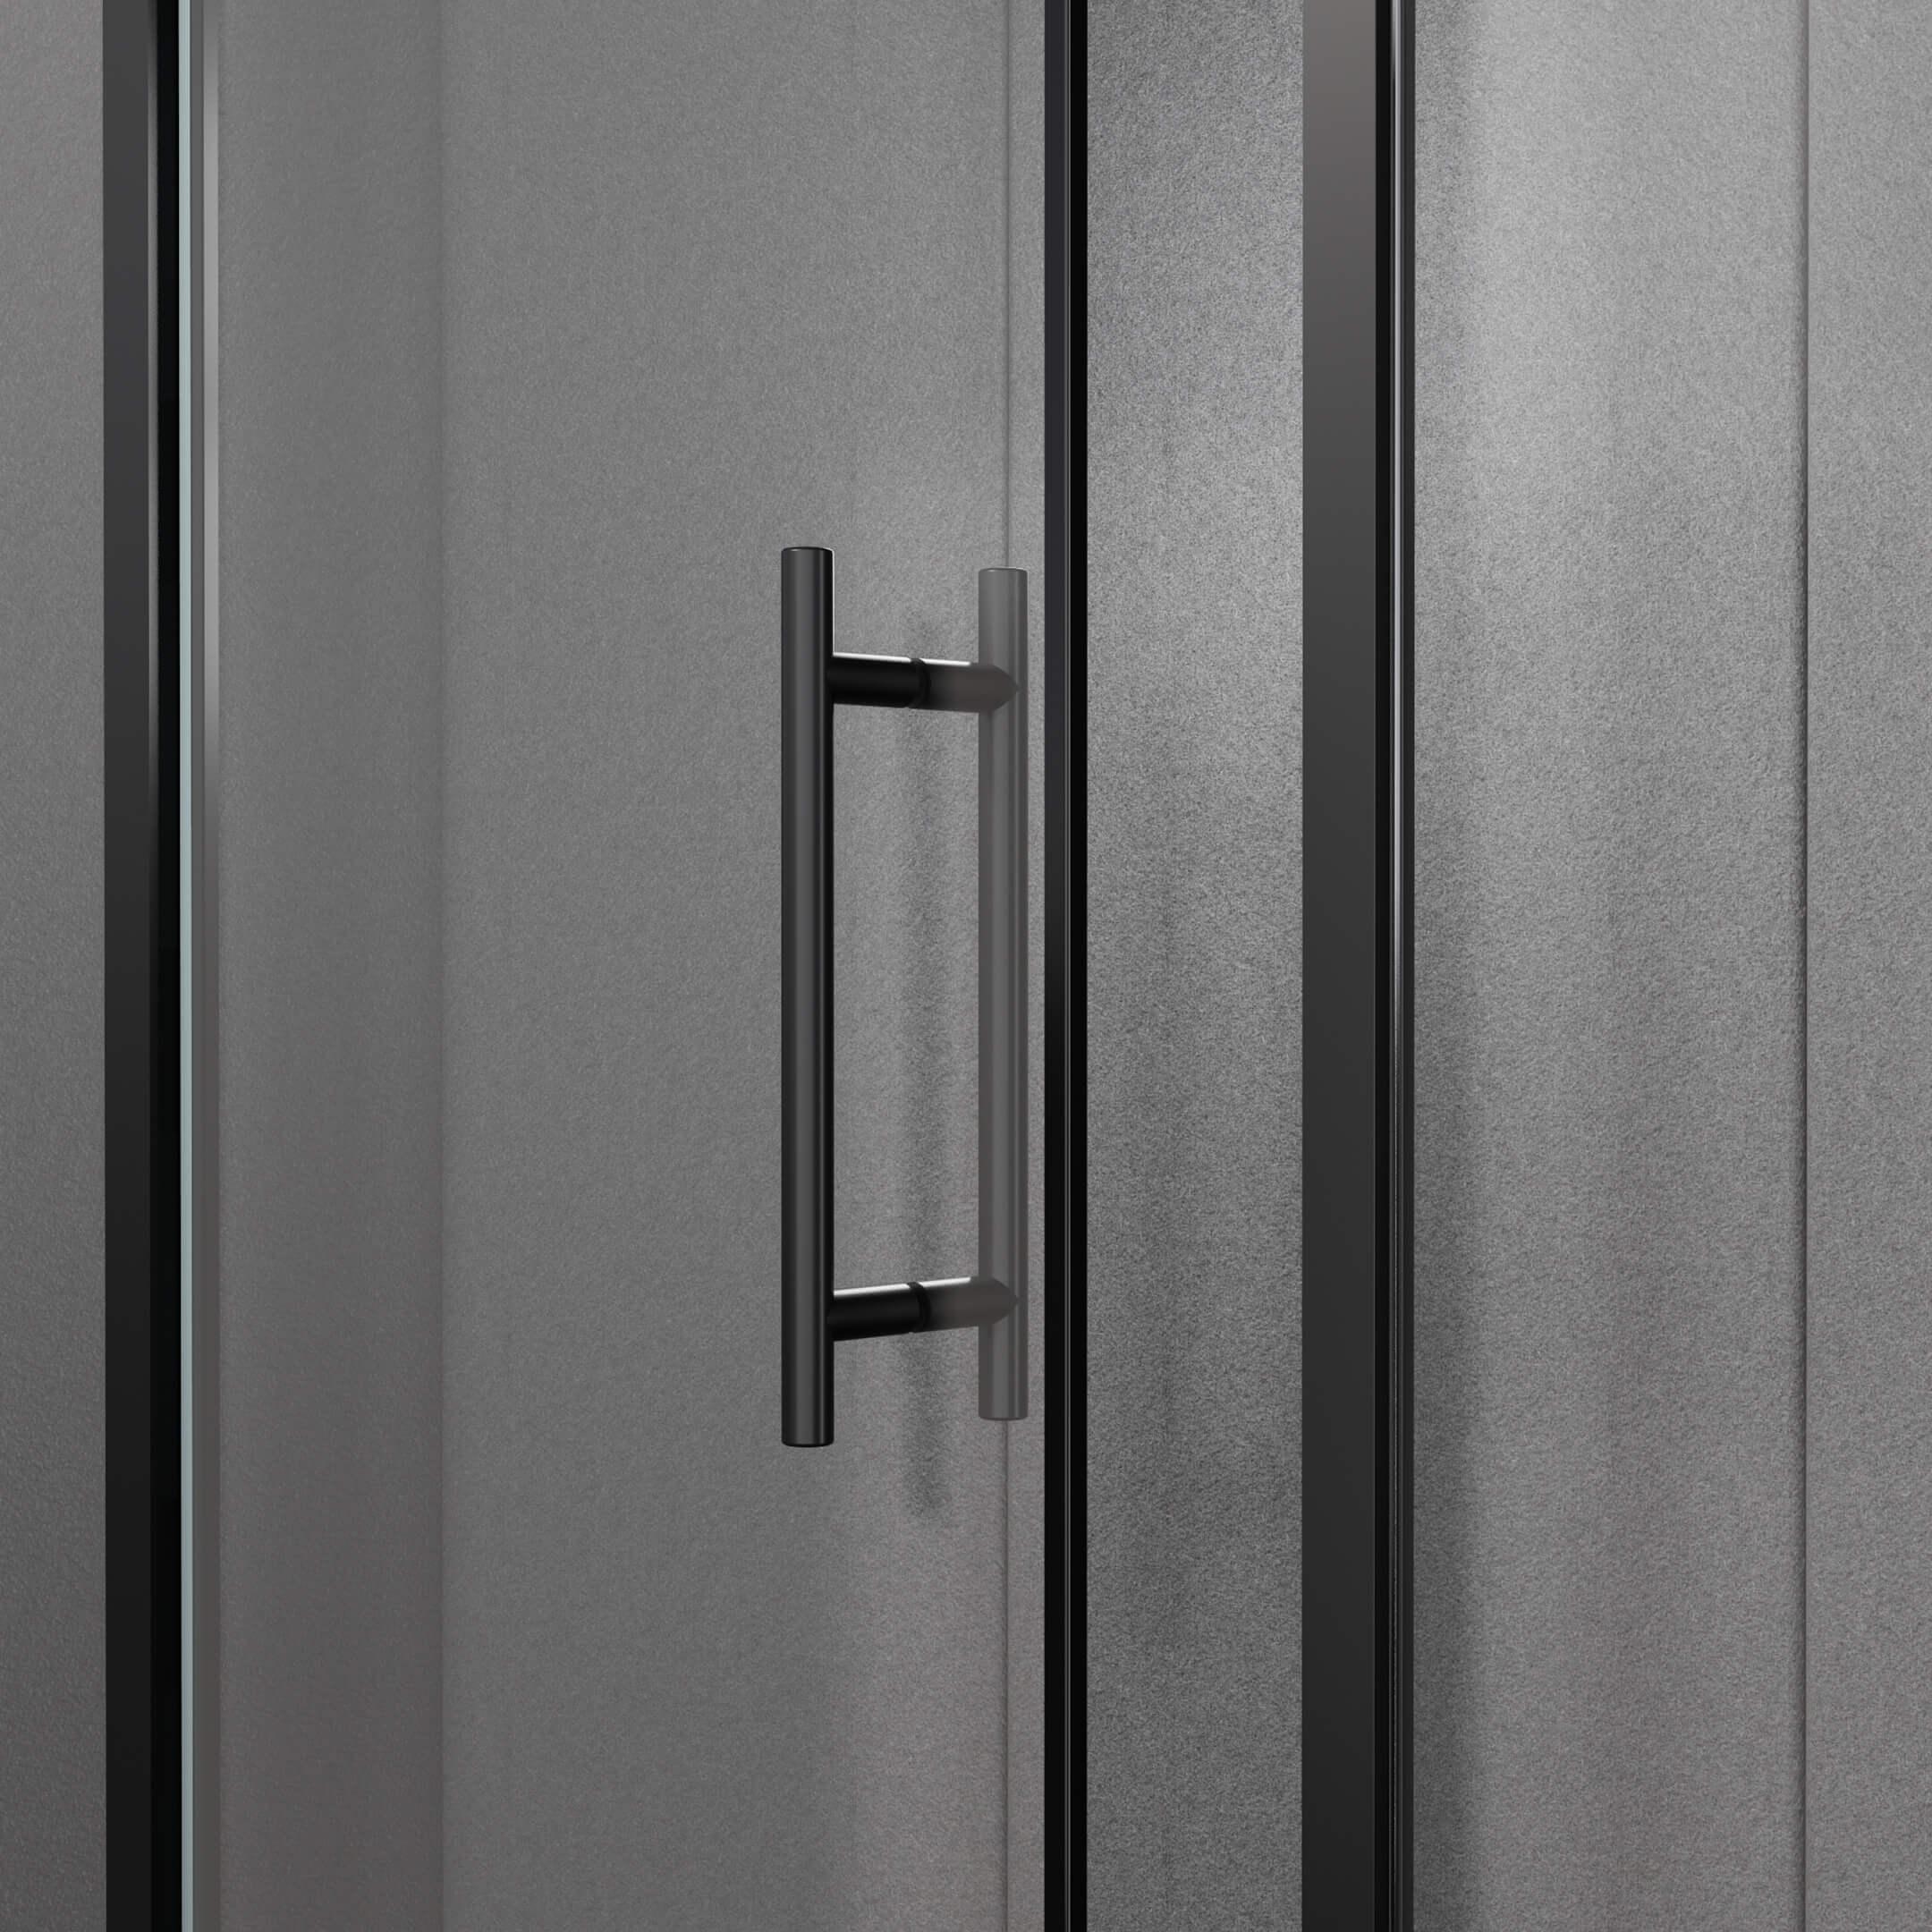 CHATBOX DUO-DOOR HANDLE